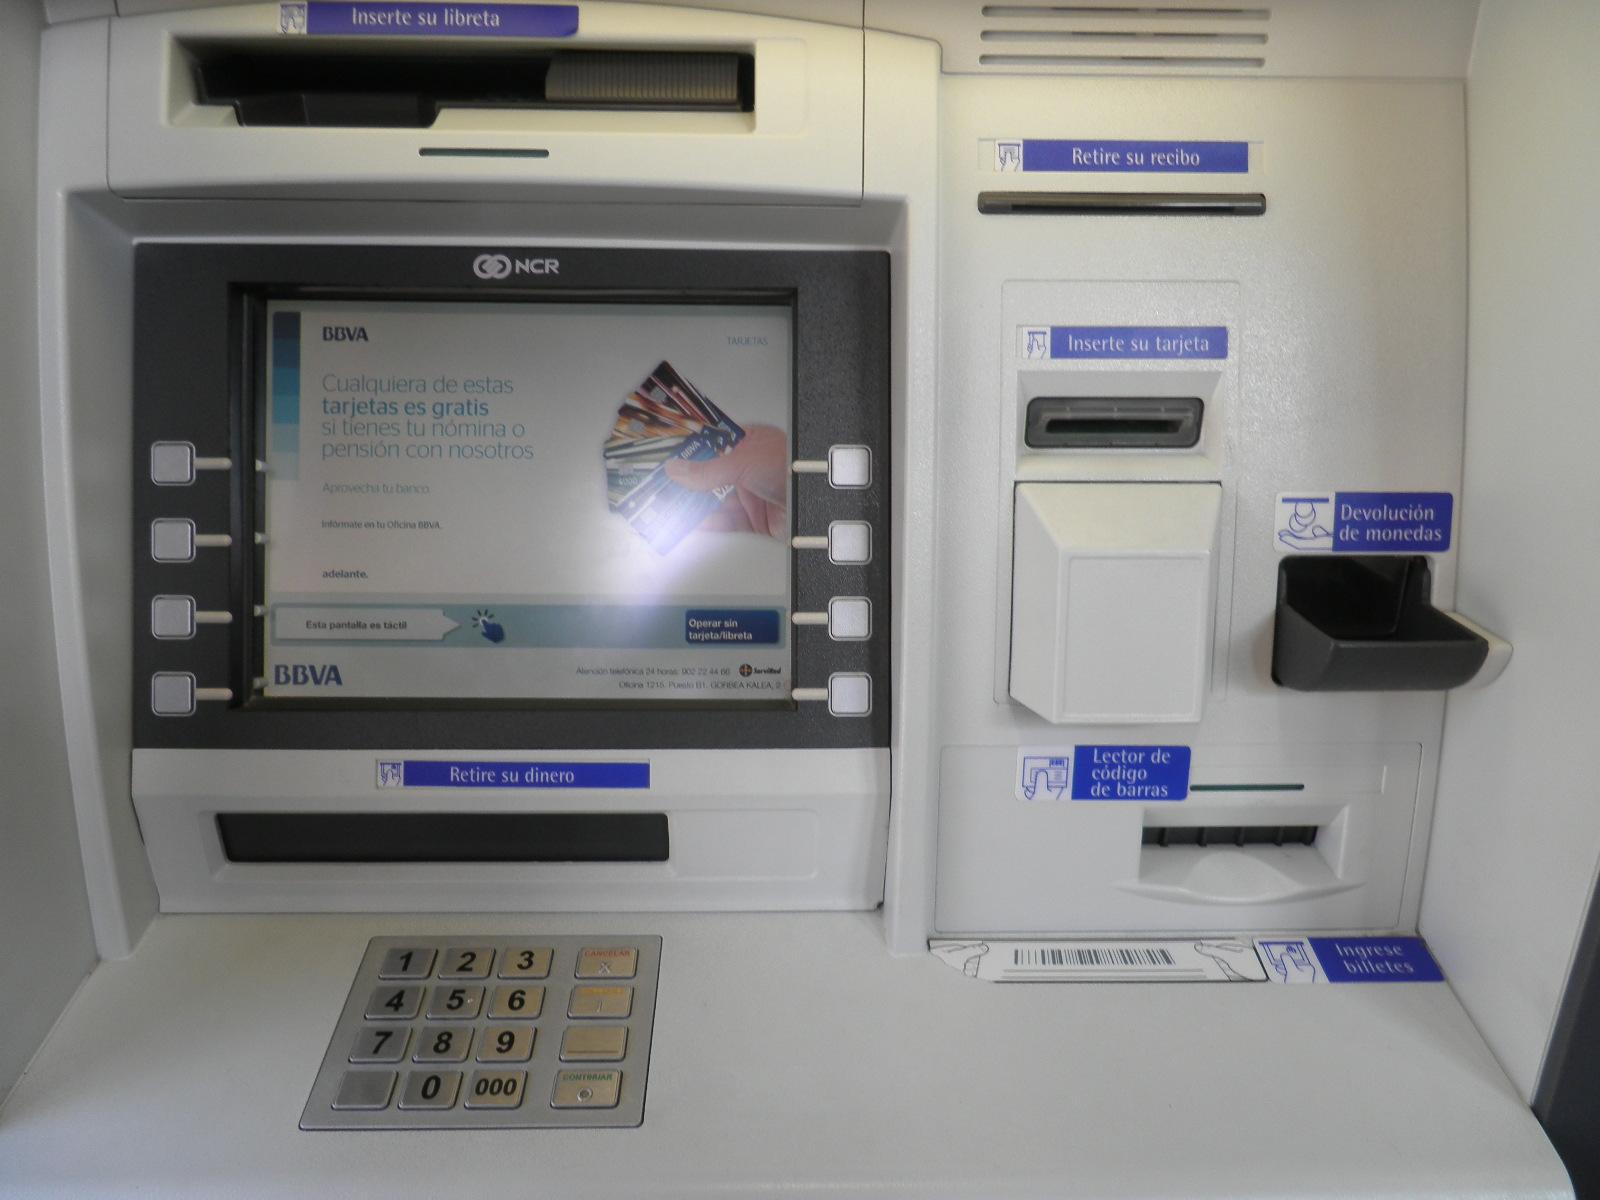 Txorierriko ziga sacando dinero en el cajero del bbva for Dinero maximo cajero